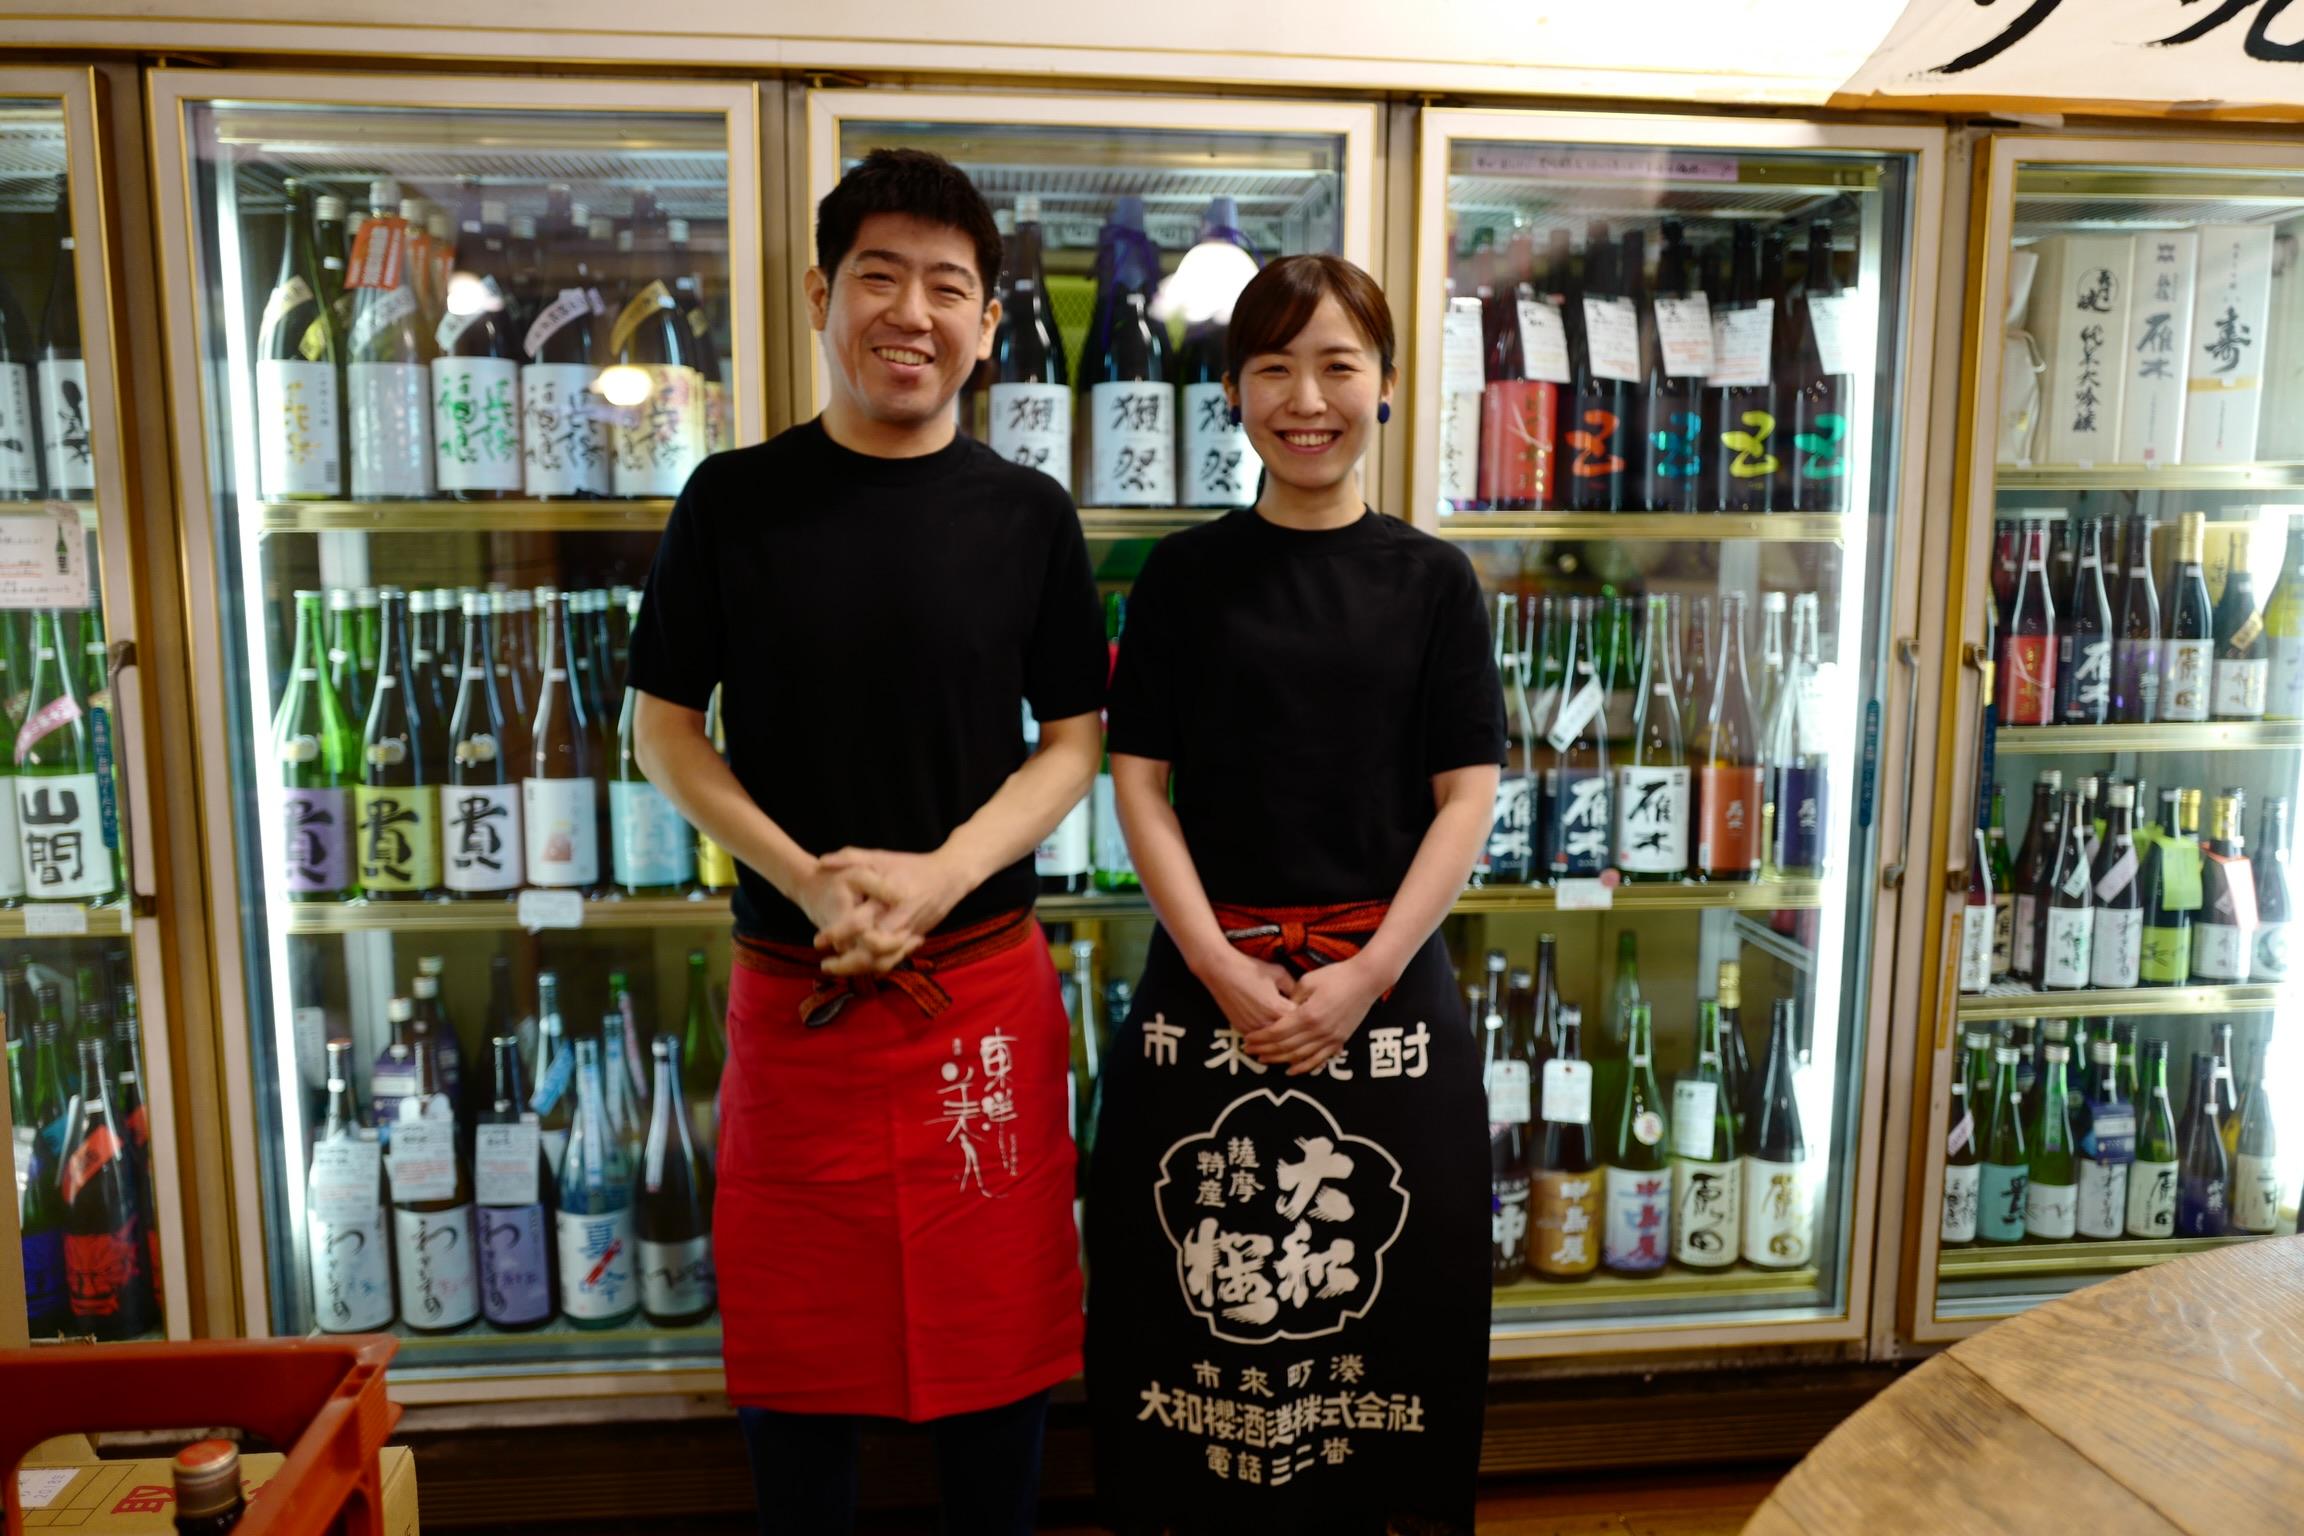 地酒のまえつる 日本酒・焼酎の通販ページ | 山口県をはじめ、全国の地酒を購入いただける通販サイトです。店舗は山口県下関市にございます。